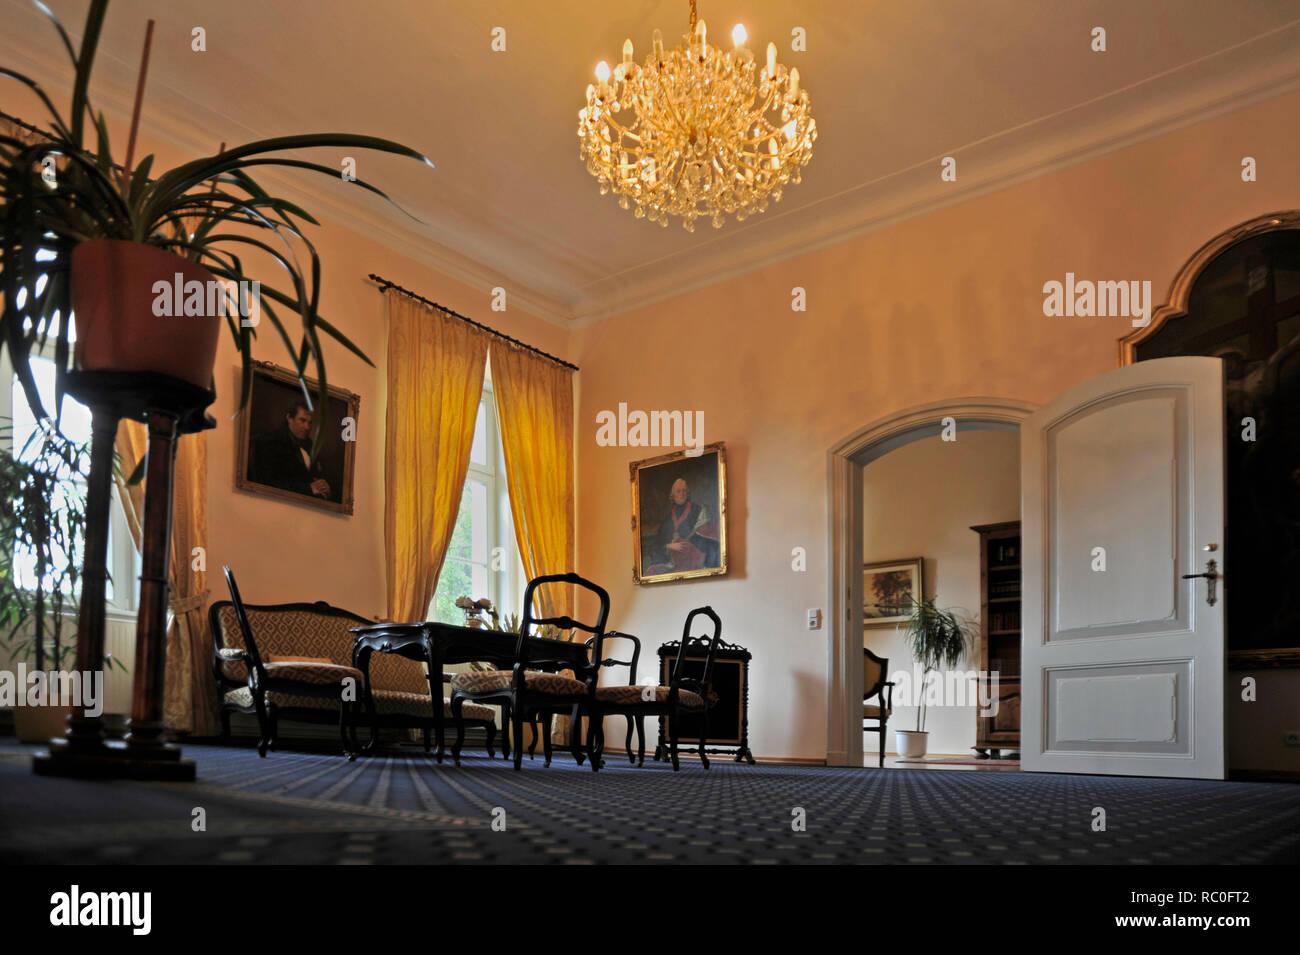 Schlosshotel Rühstädt, Innenaufnahme, Storchendorf Rühstädt, Landkreis Prignitz, Brandenburg, Deutschland, Europa   Palace Hotel Rühstädt, Rühstädt, d - Stock Image